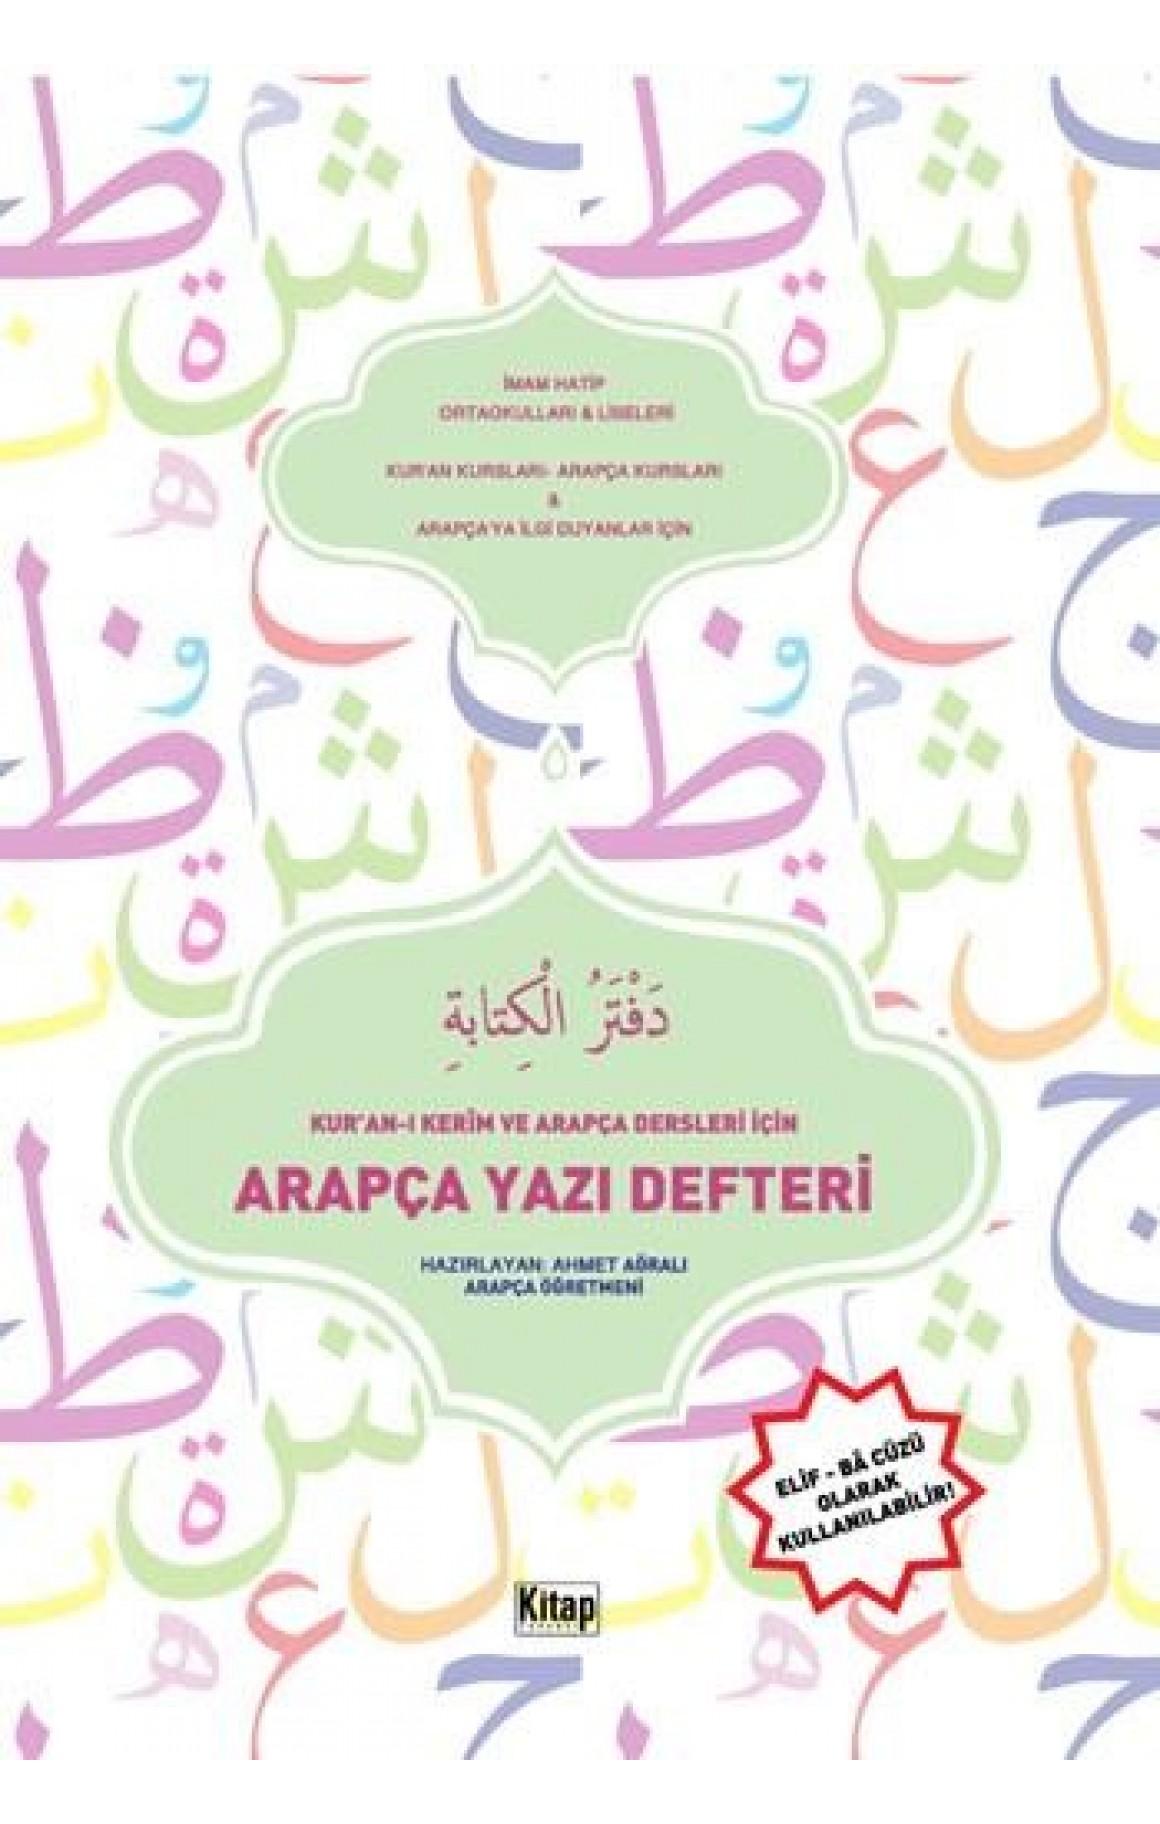 Kuran-ı Kerim ve Arapça Dersleri için Arapça Yazı Defteri